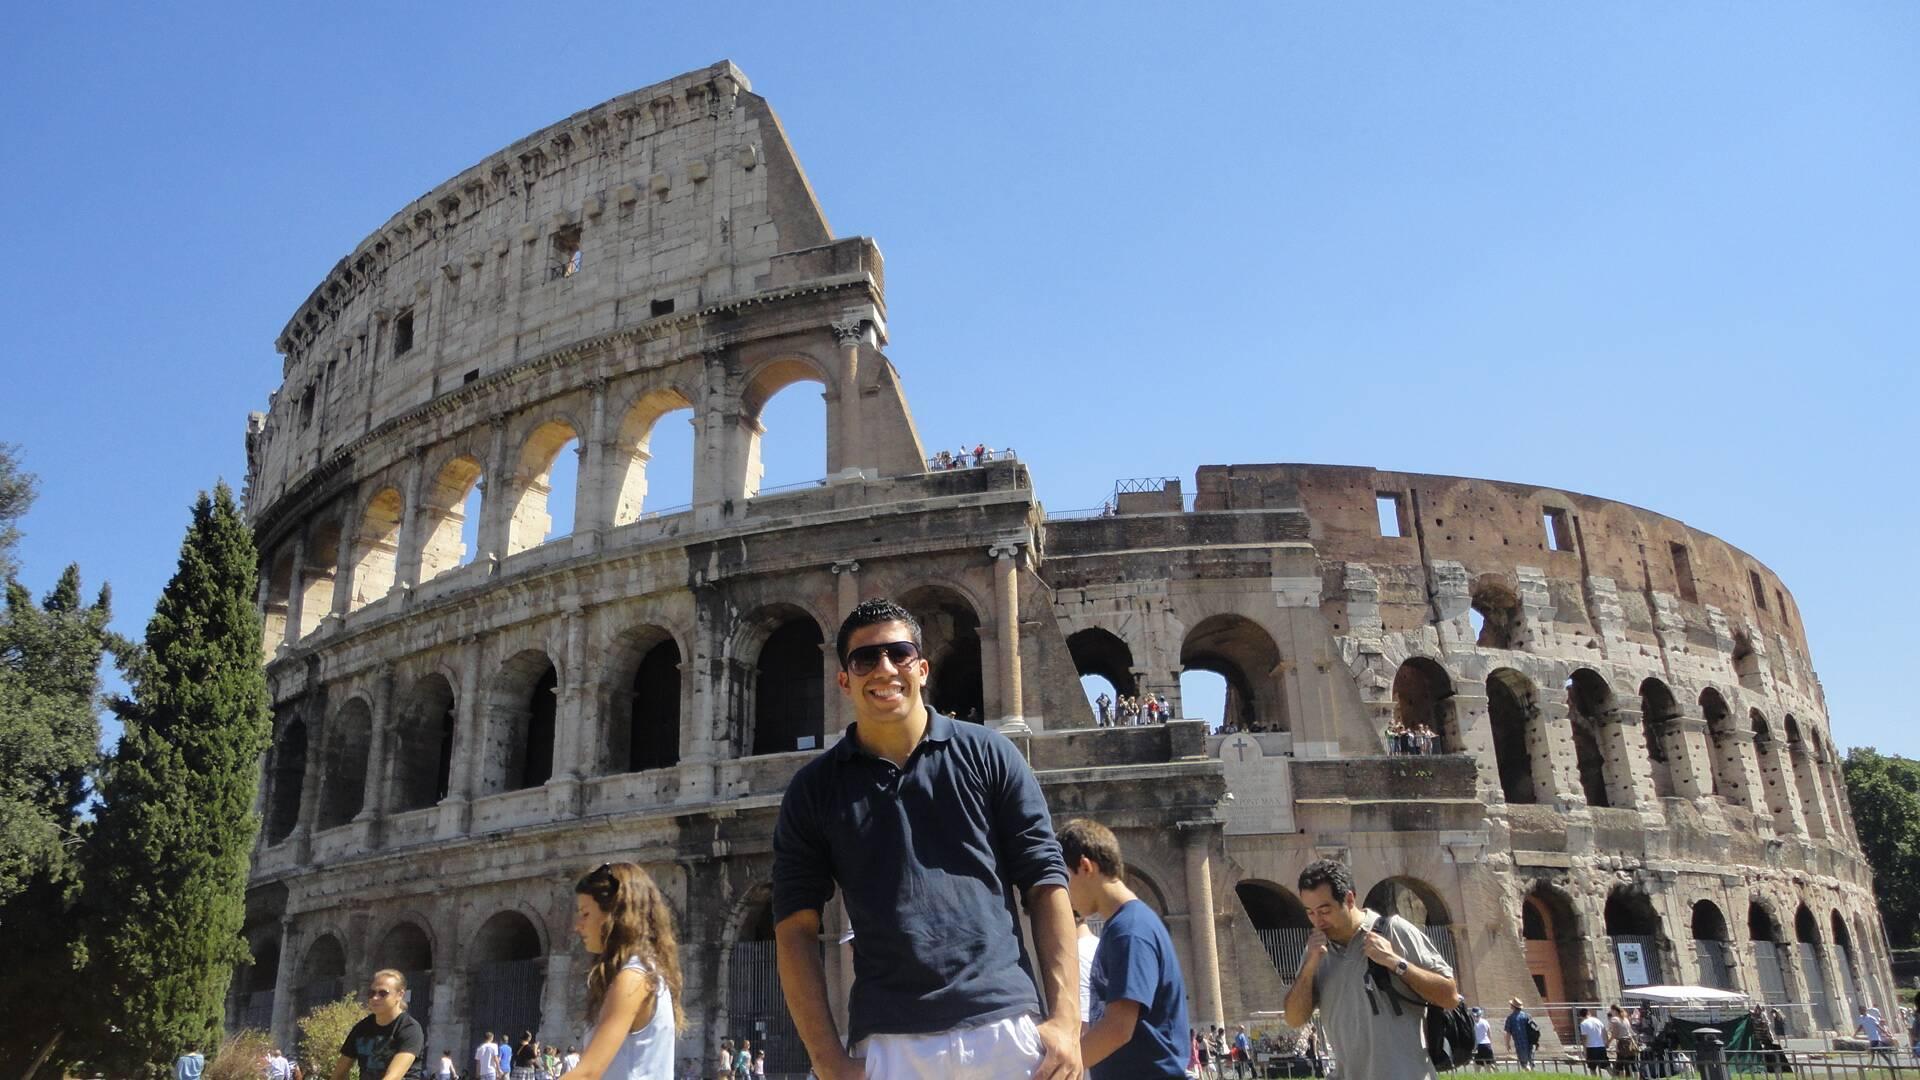 O Coliseu de Roma, na Itália. Trabalhar em navio de cruzeiros